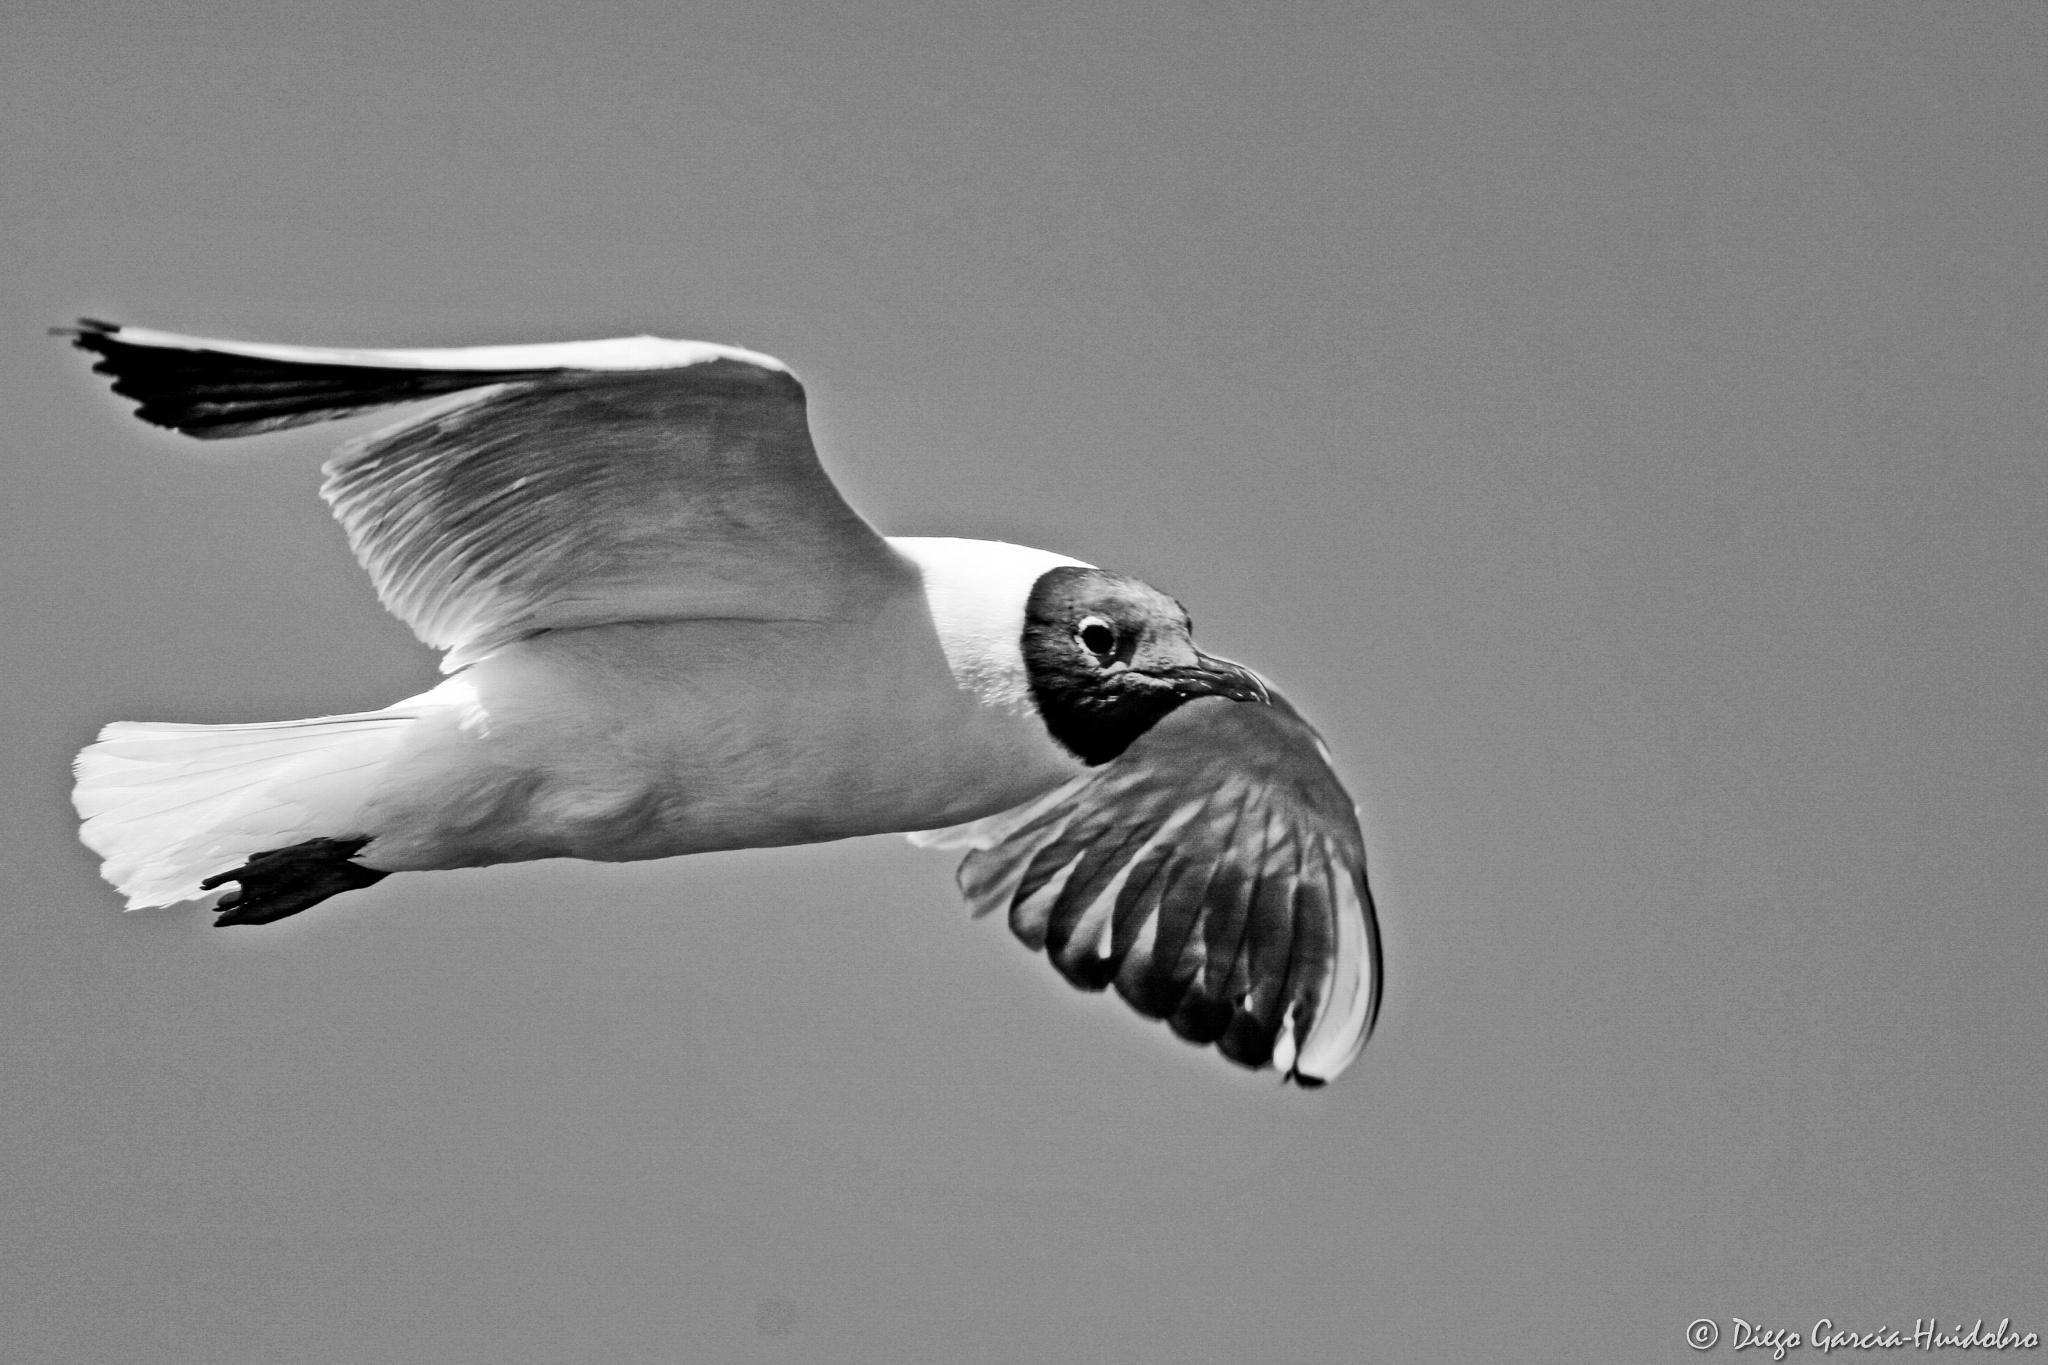 Quiet Flying by Diego García-Huidobro